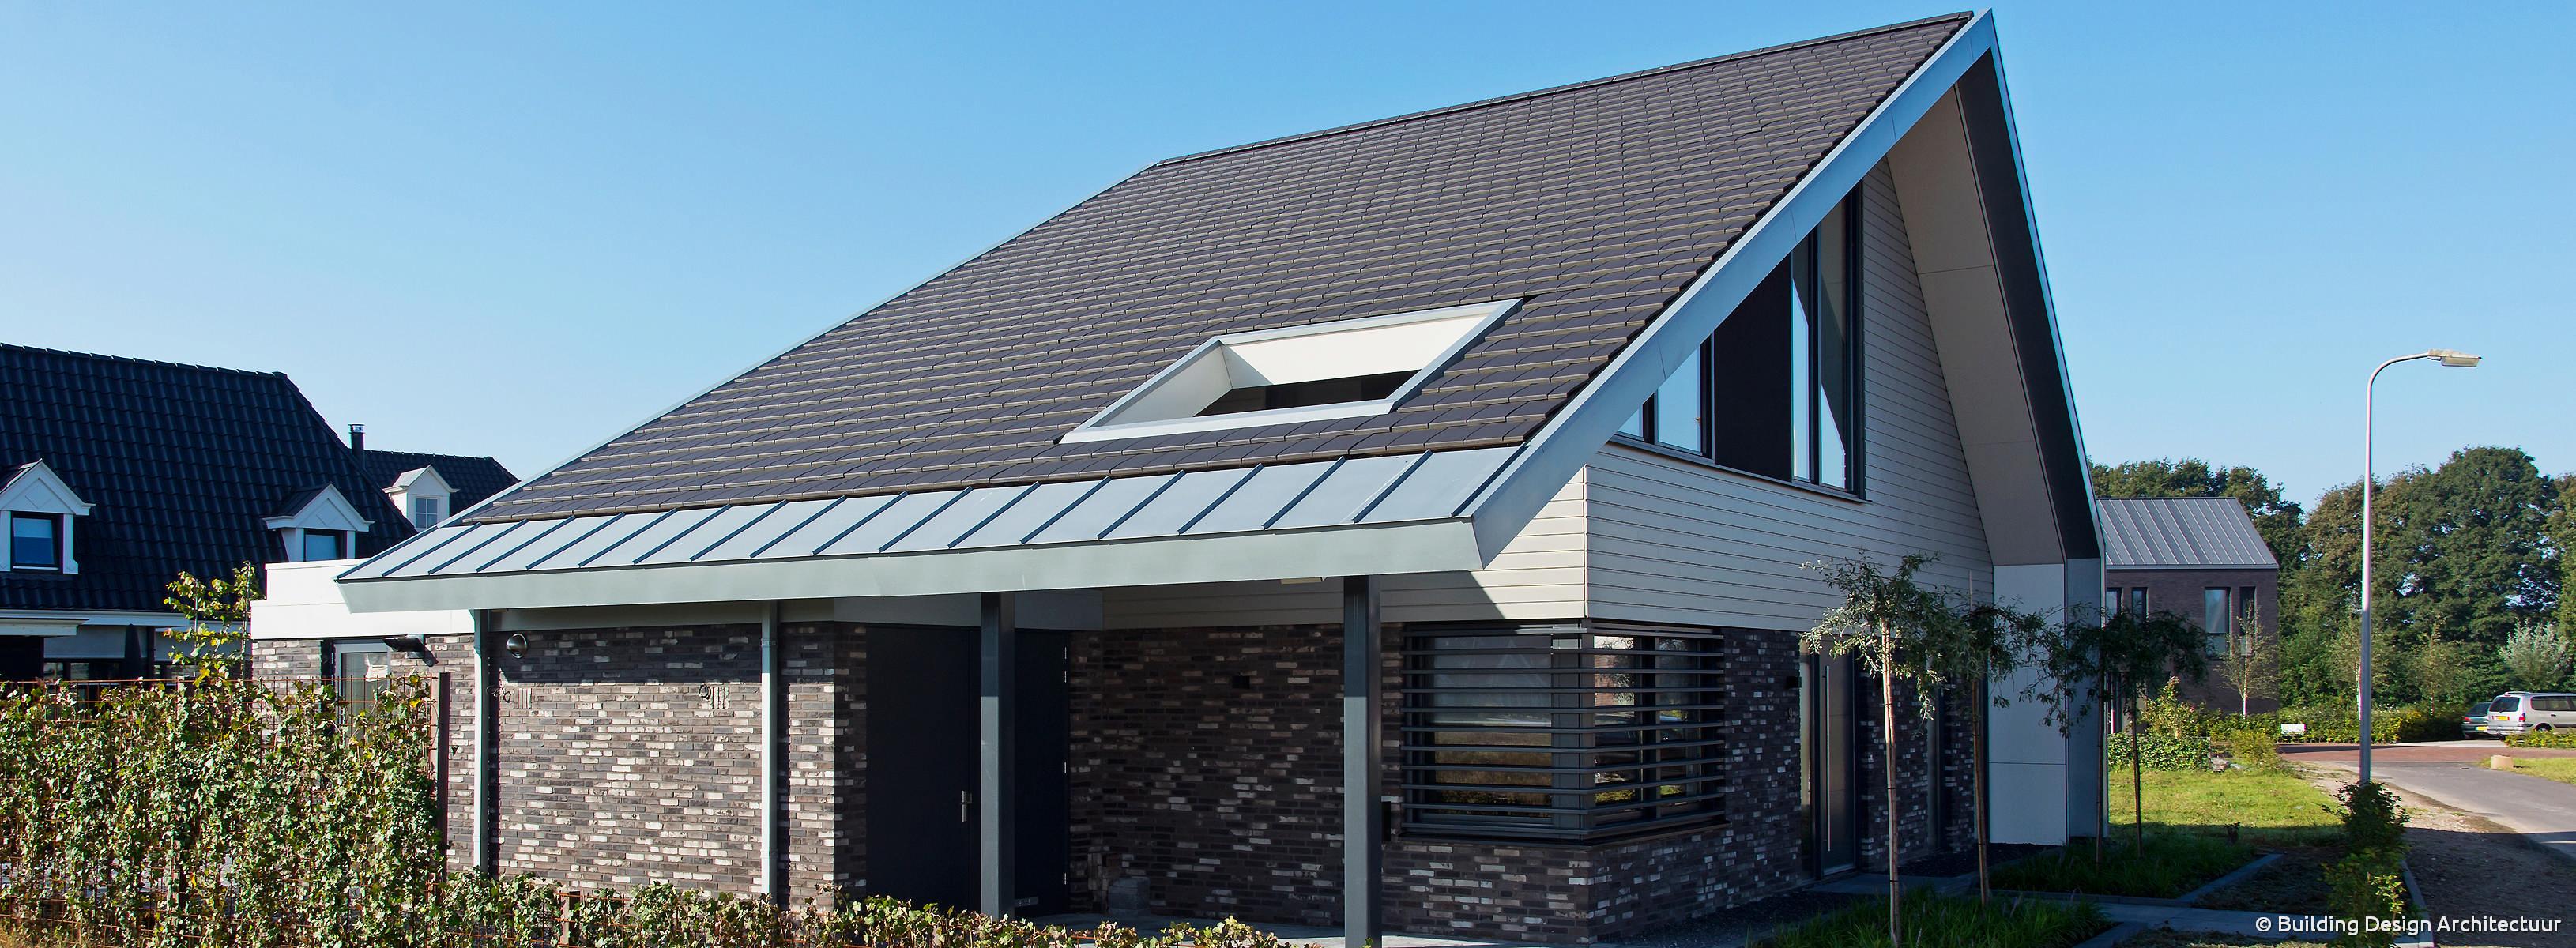 Building design architectuur - Eigentijdse interieurarchitectuur ...